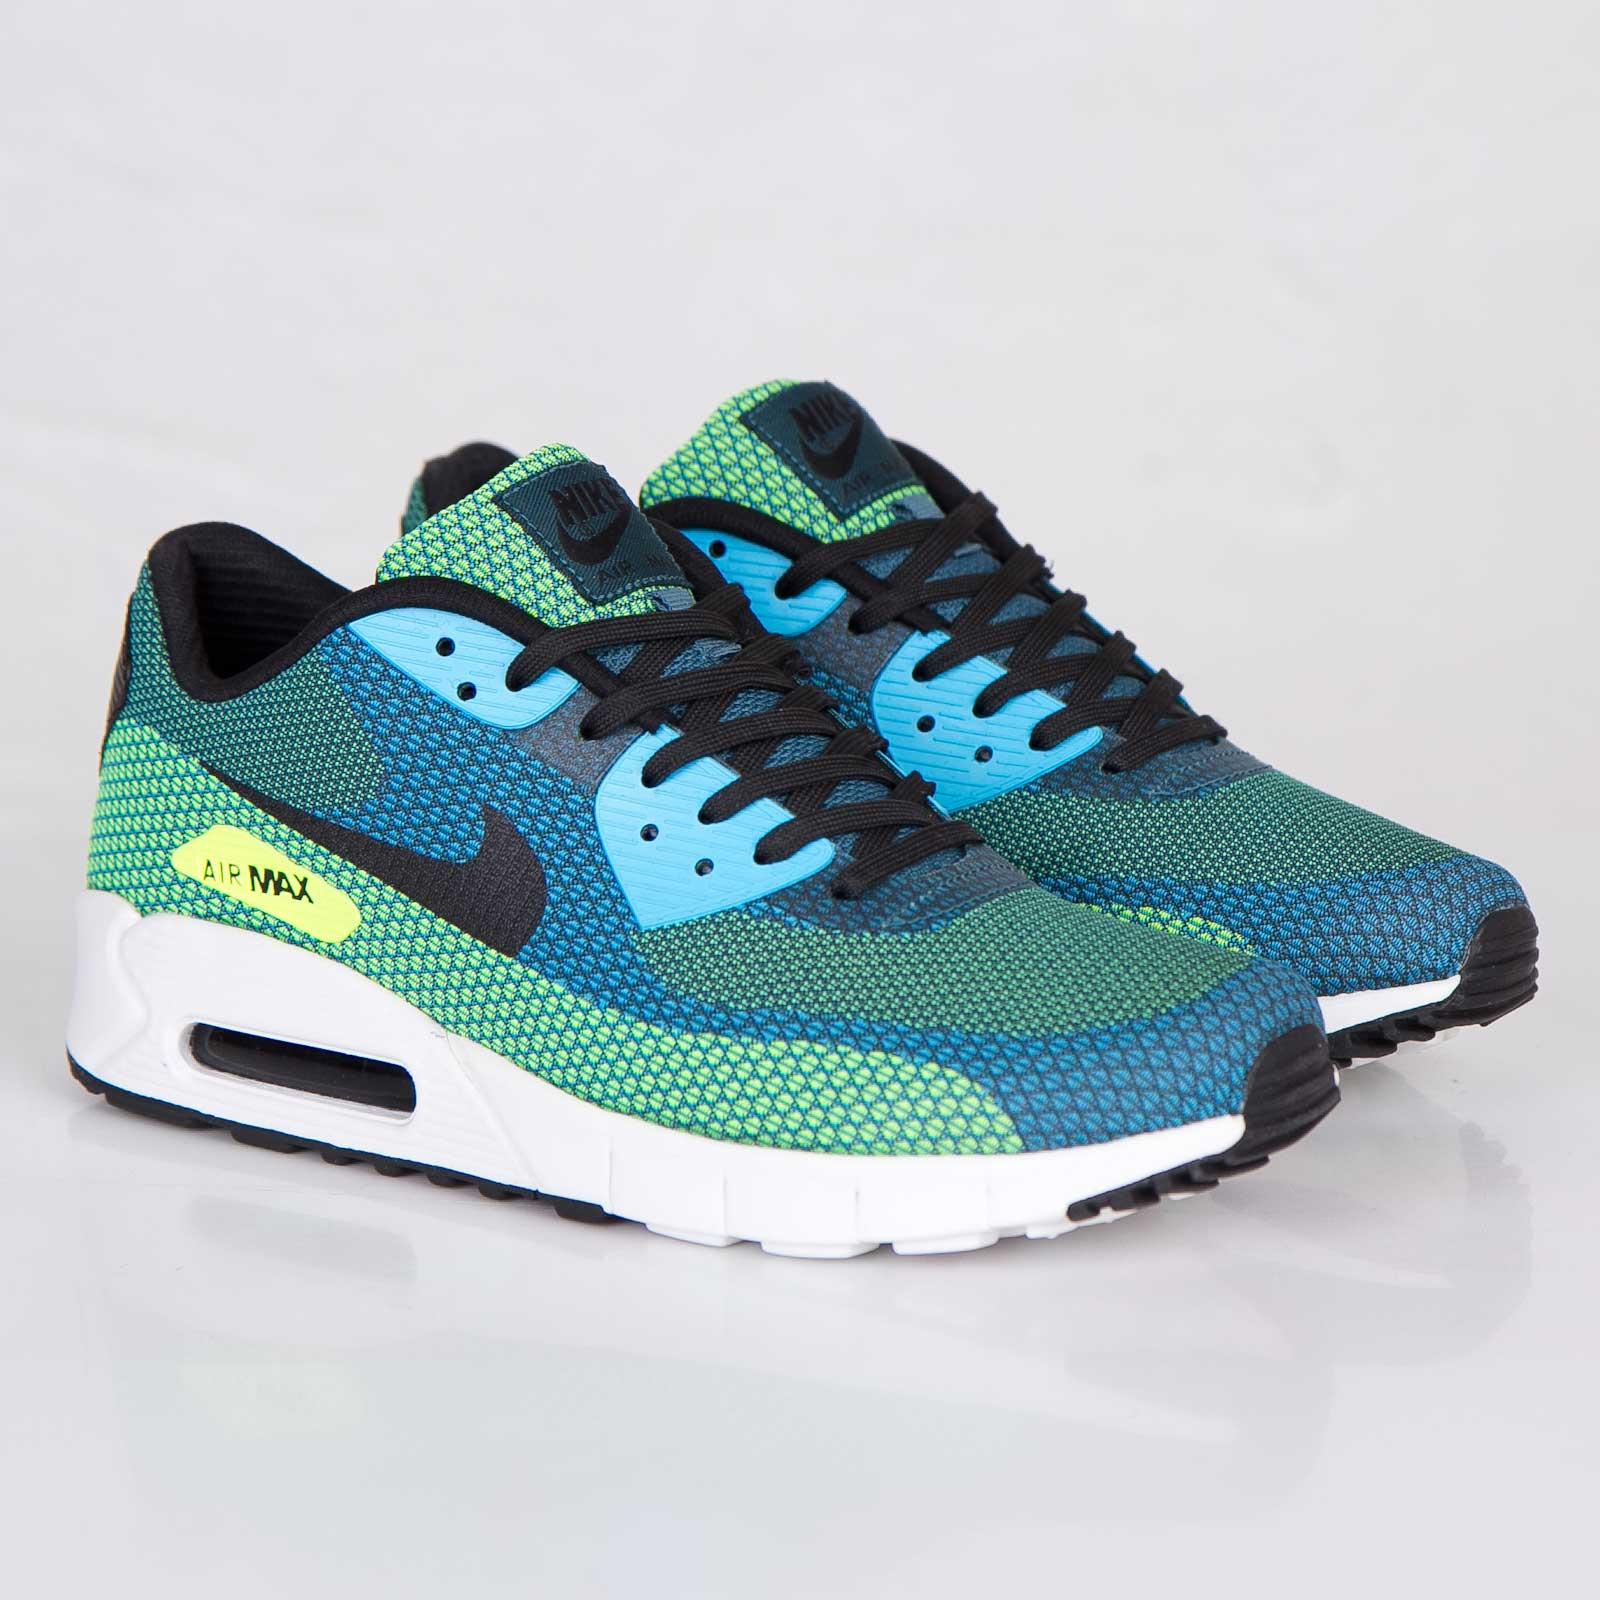 Nike Air Max 90 JCRD - 631750-300 - SNS   sneakers & streetwear ...